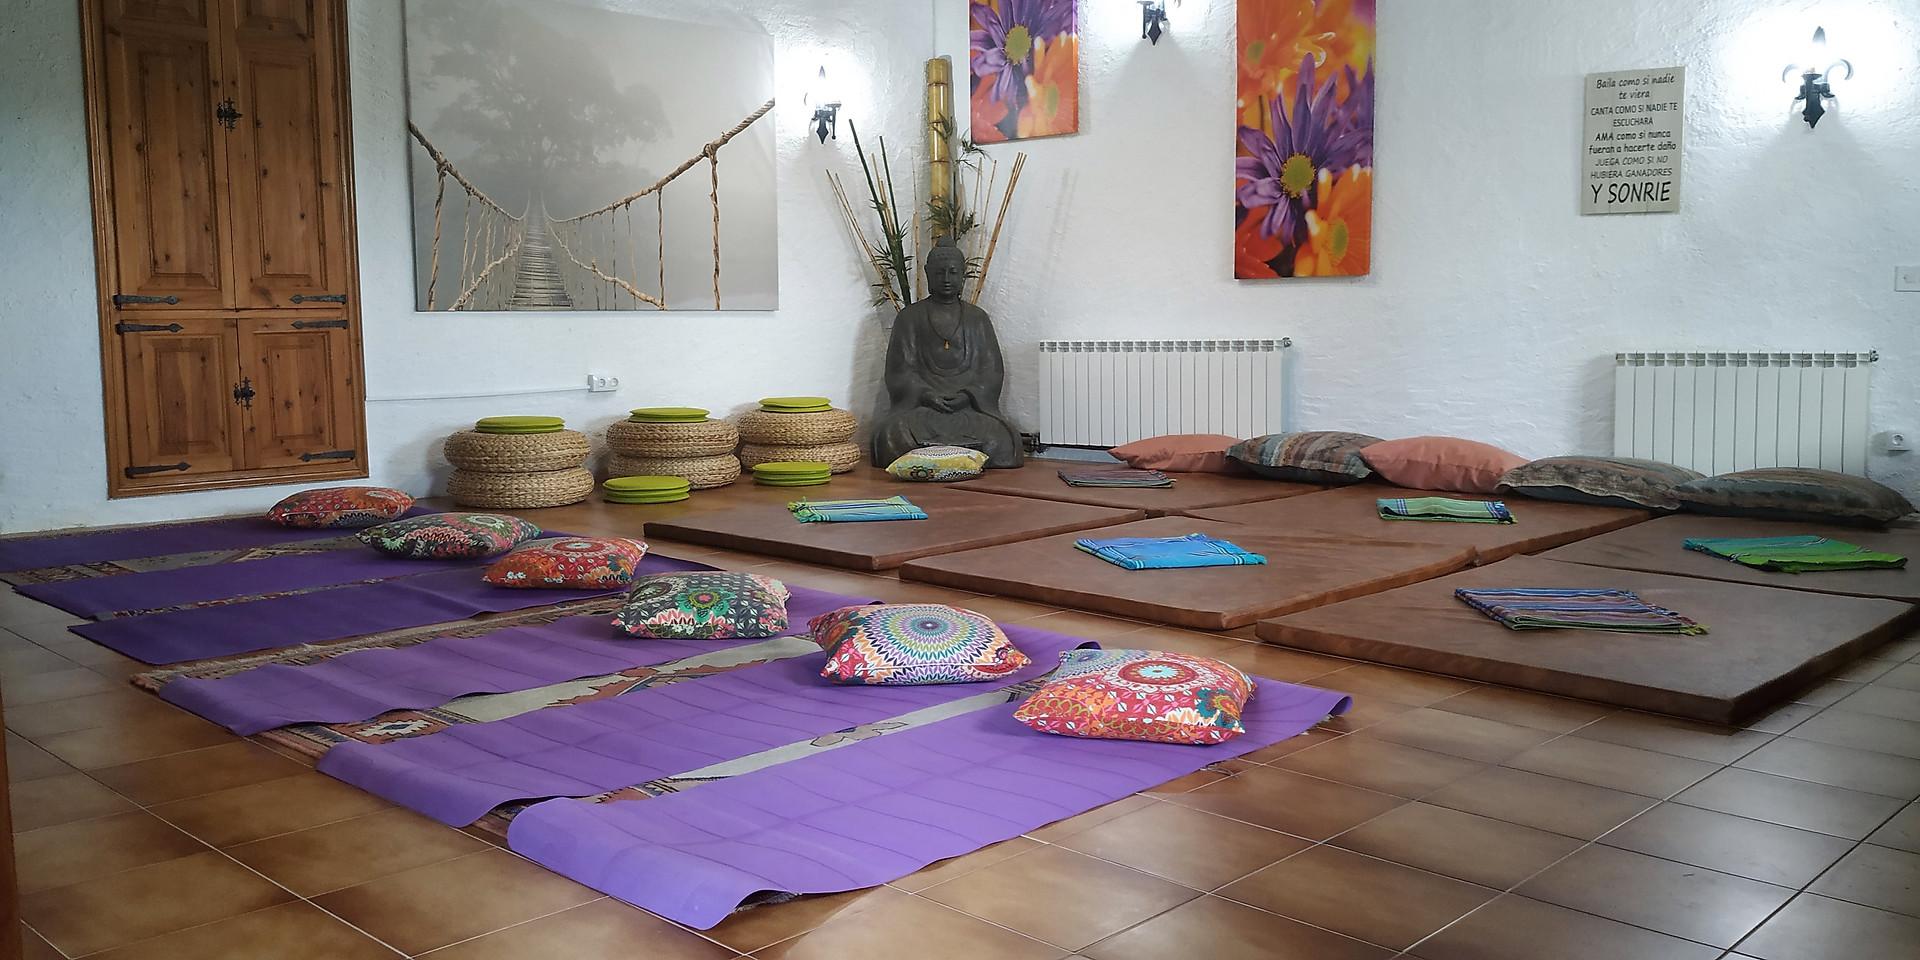 Sala preparada para ioga